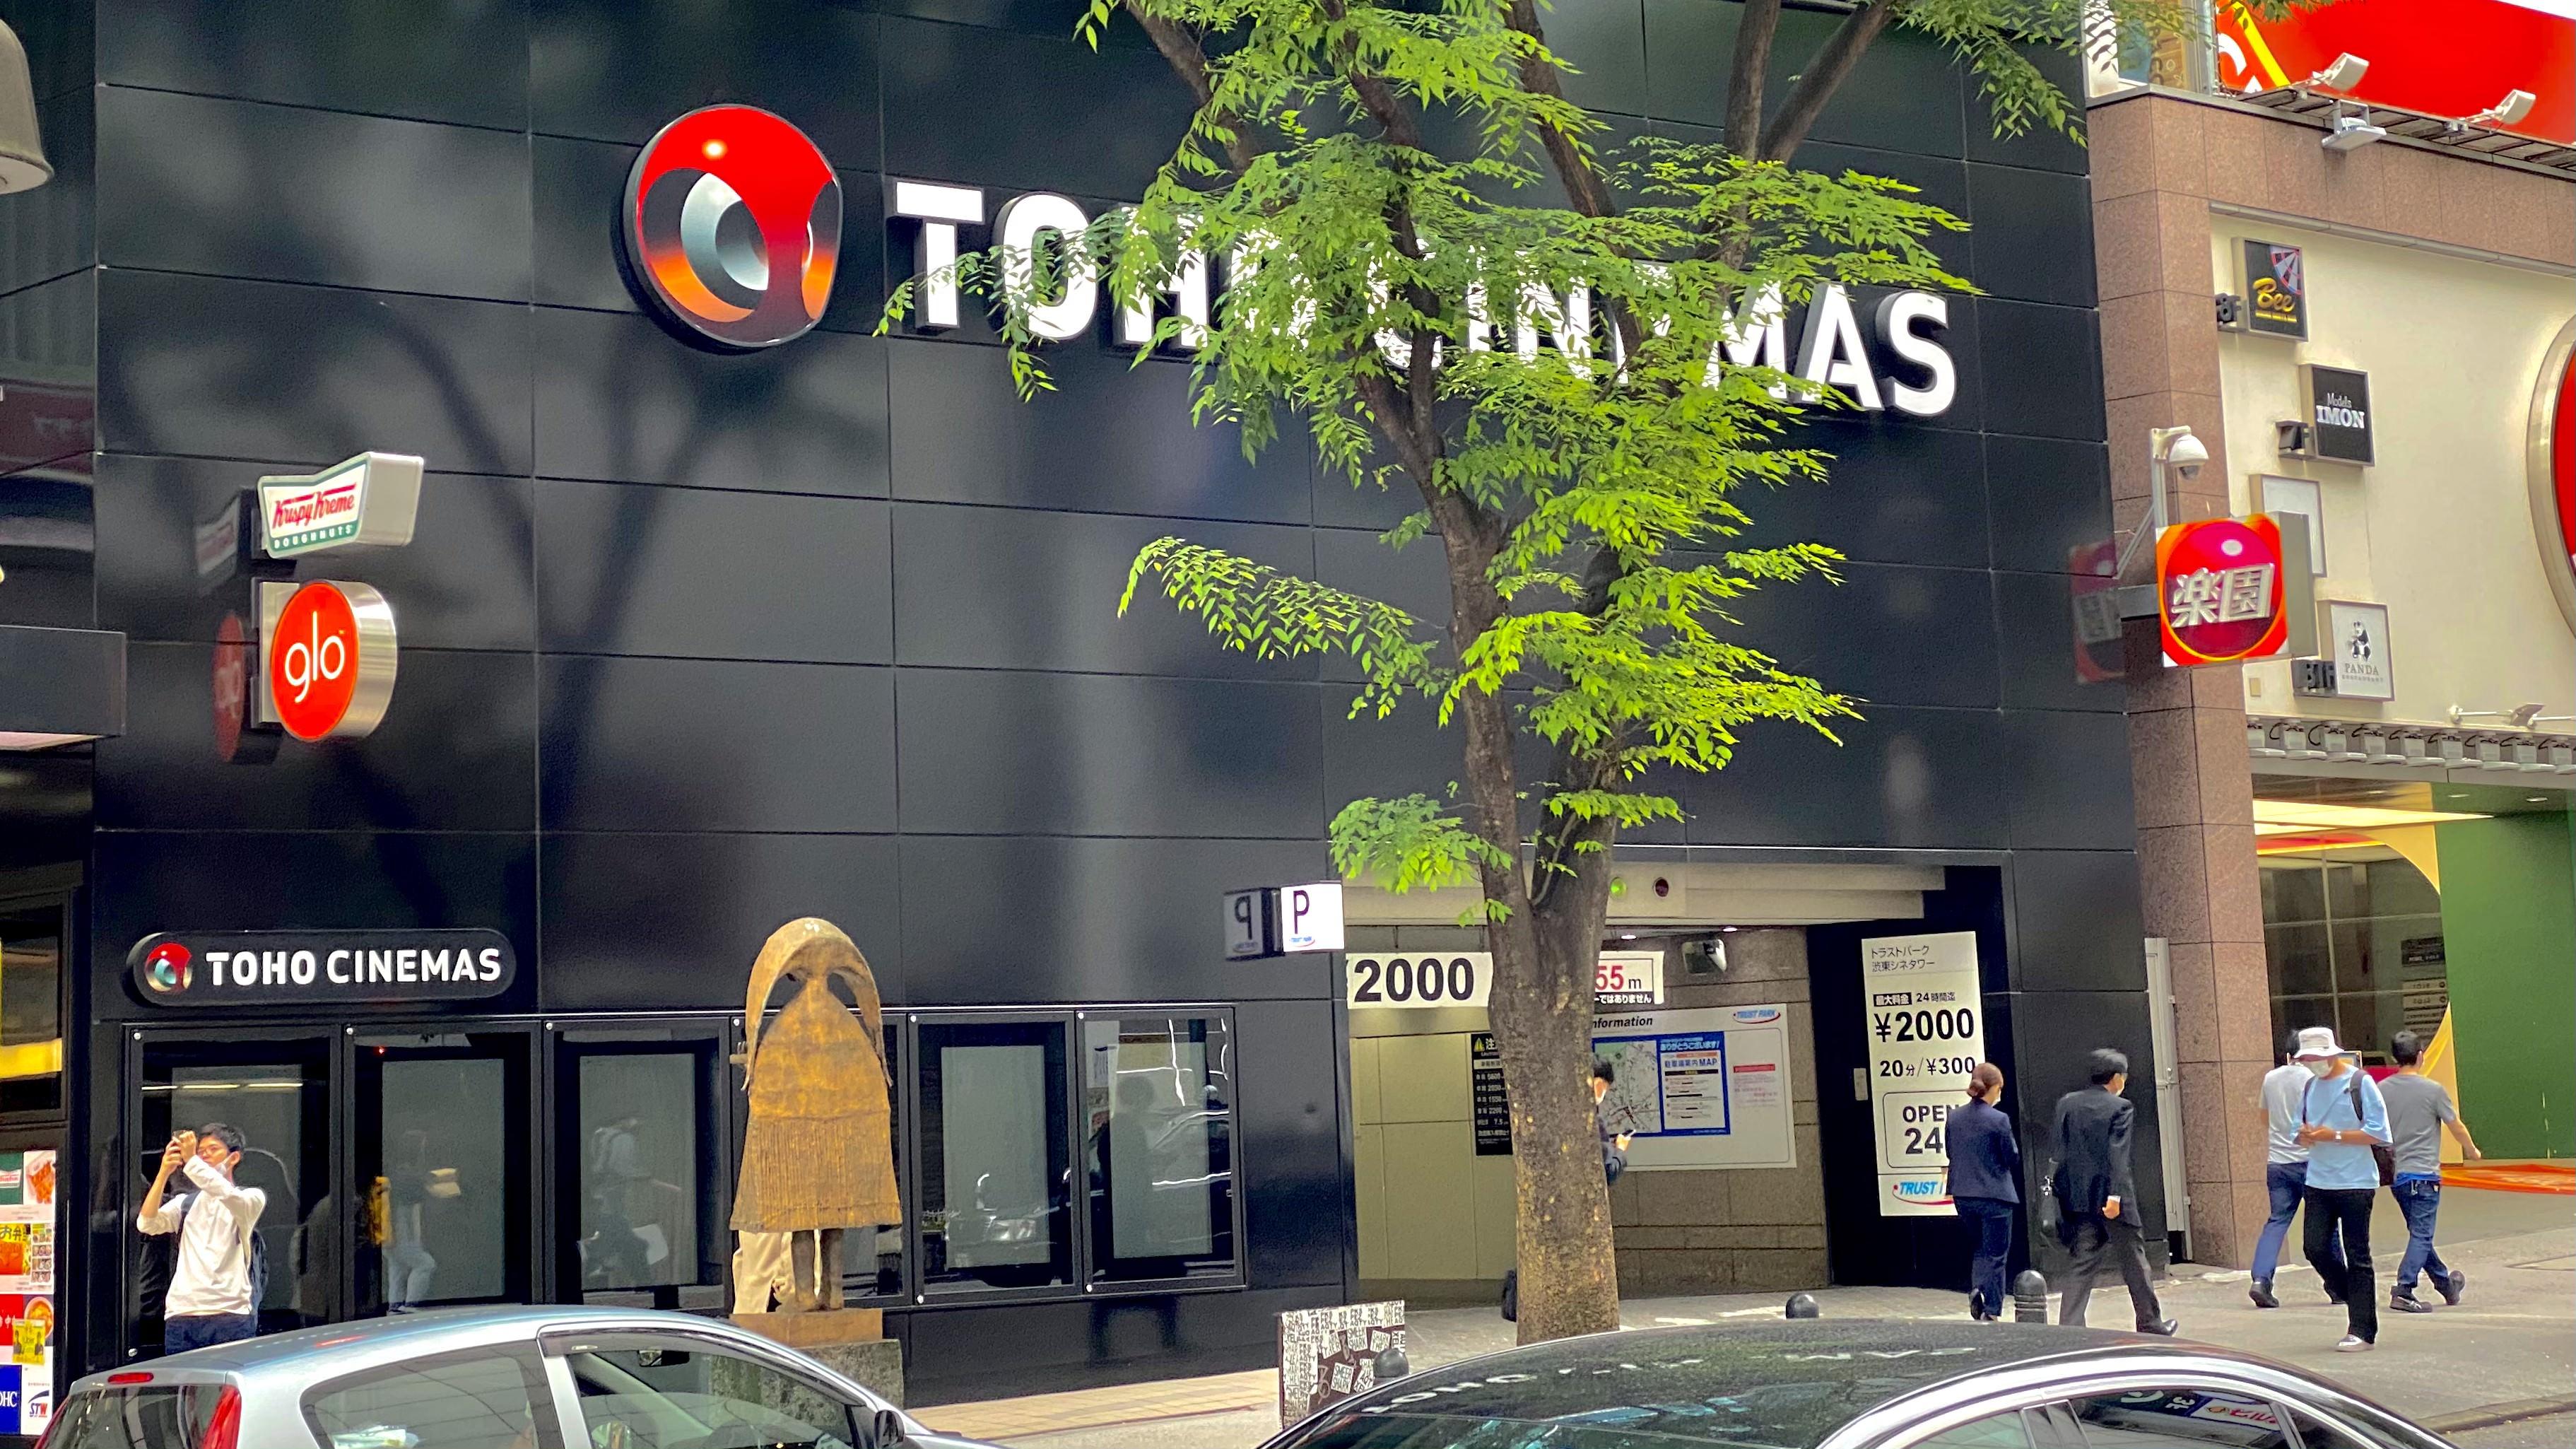 Un cine cerrado en Shibuya el 7 de mayo de 2021, los cines seguirán cerrados según las pautas revisadas.